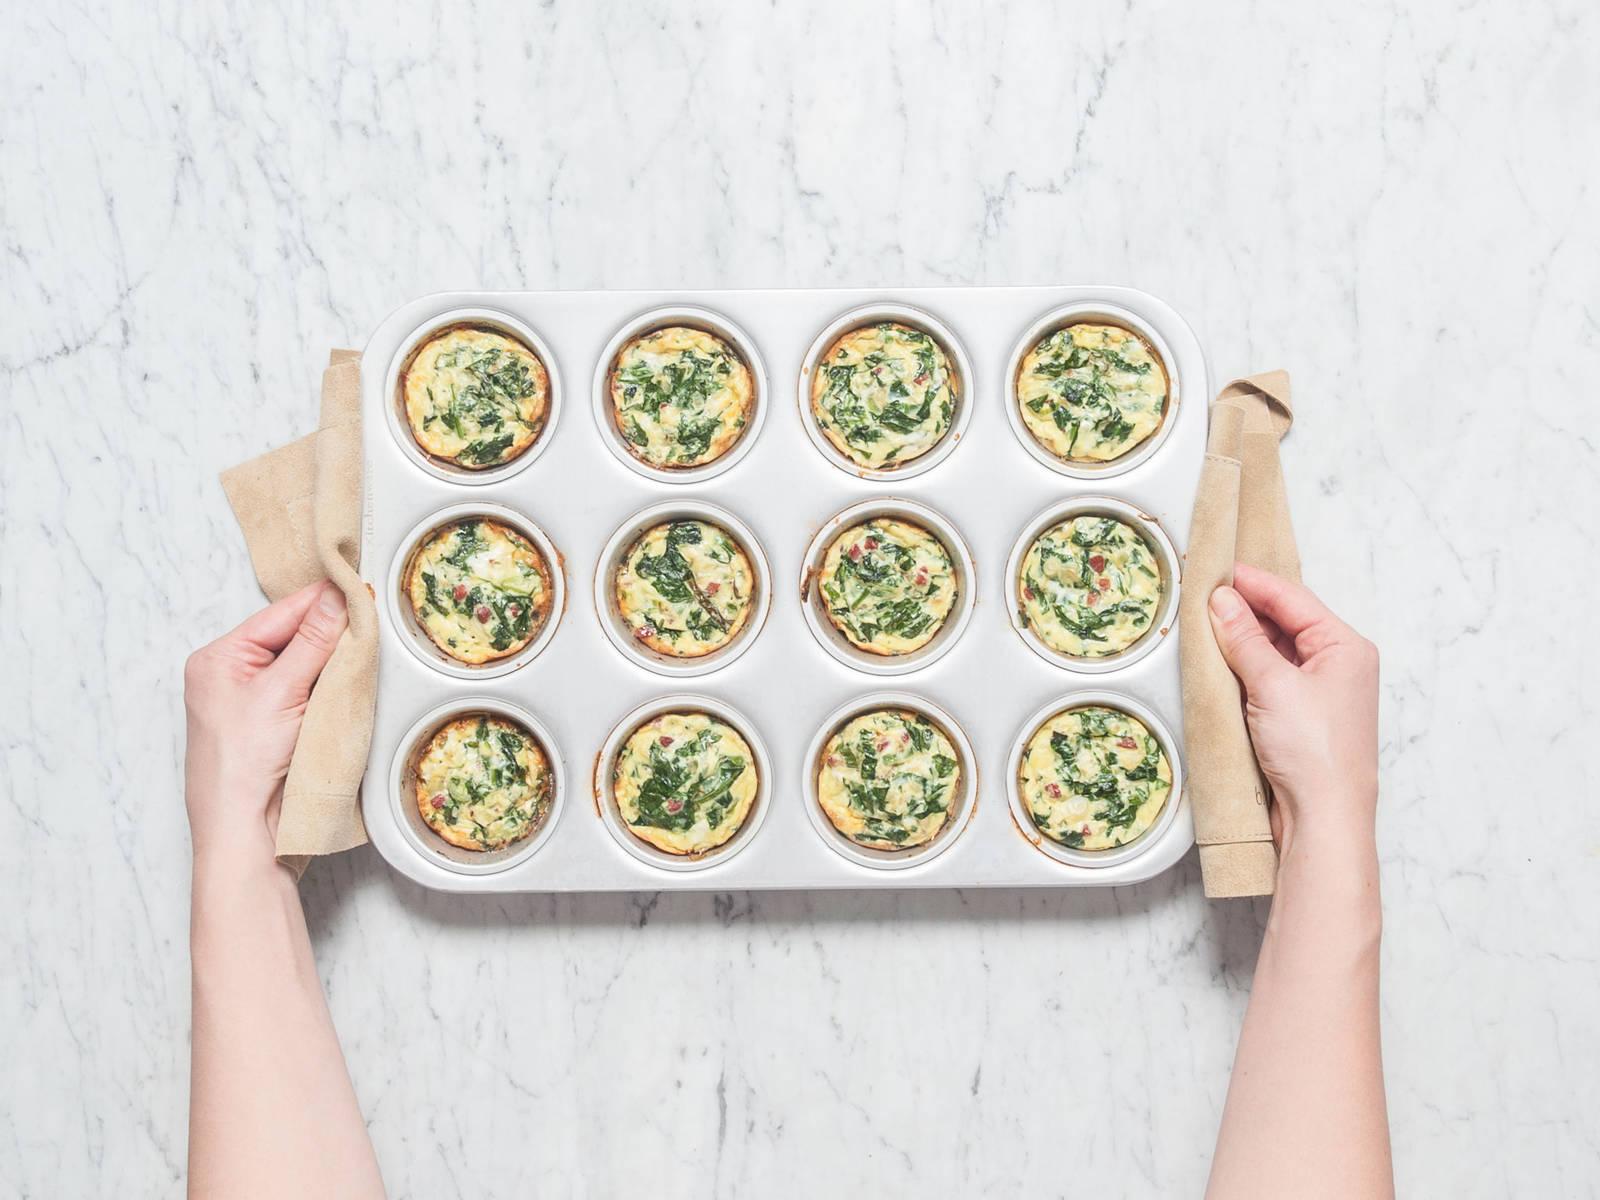 放到烤箱中,以180℃烤20分钟,或直至呈金黄色。趁热享用,祝好胃口!